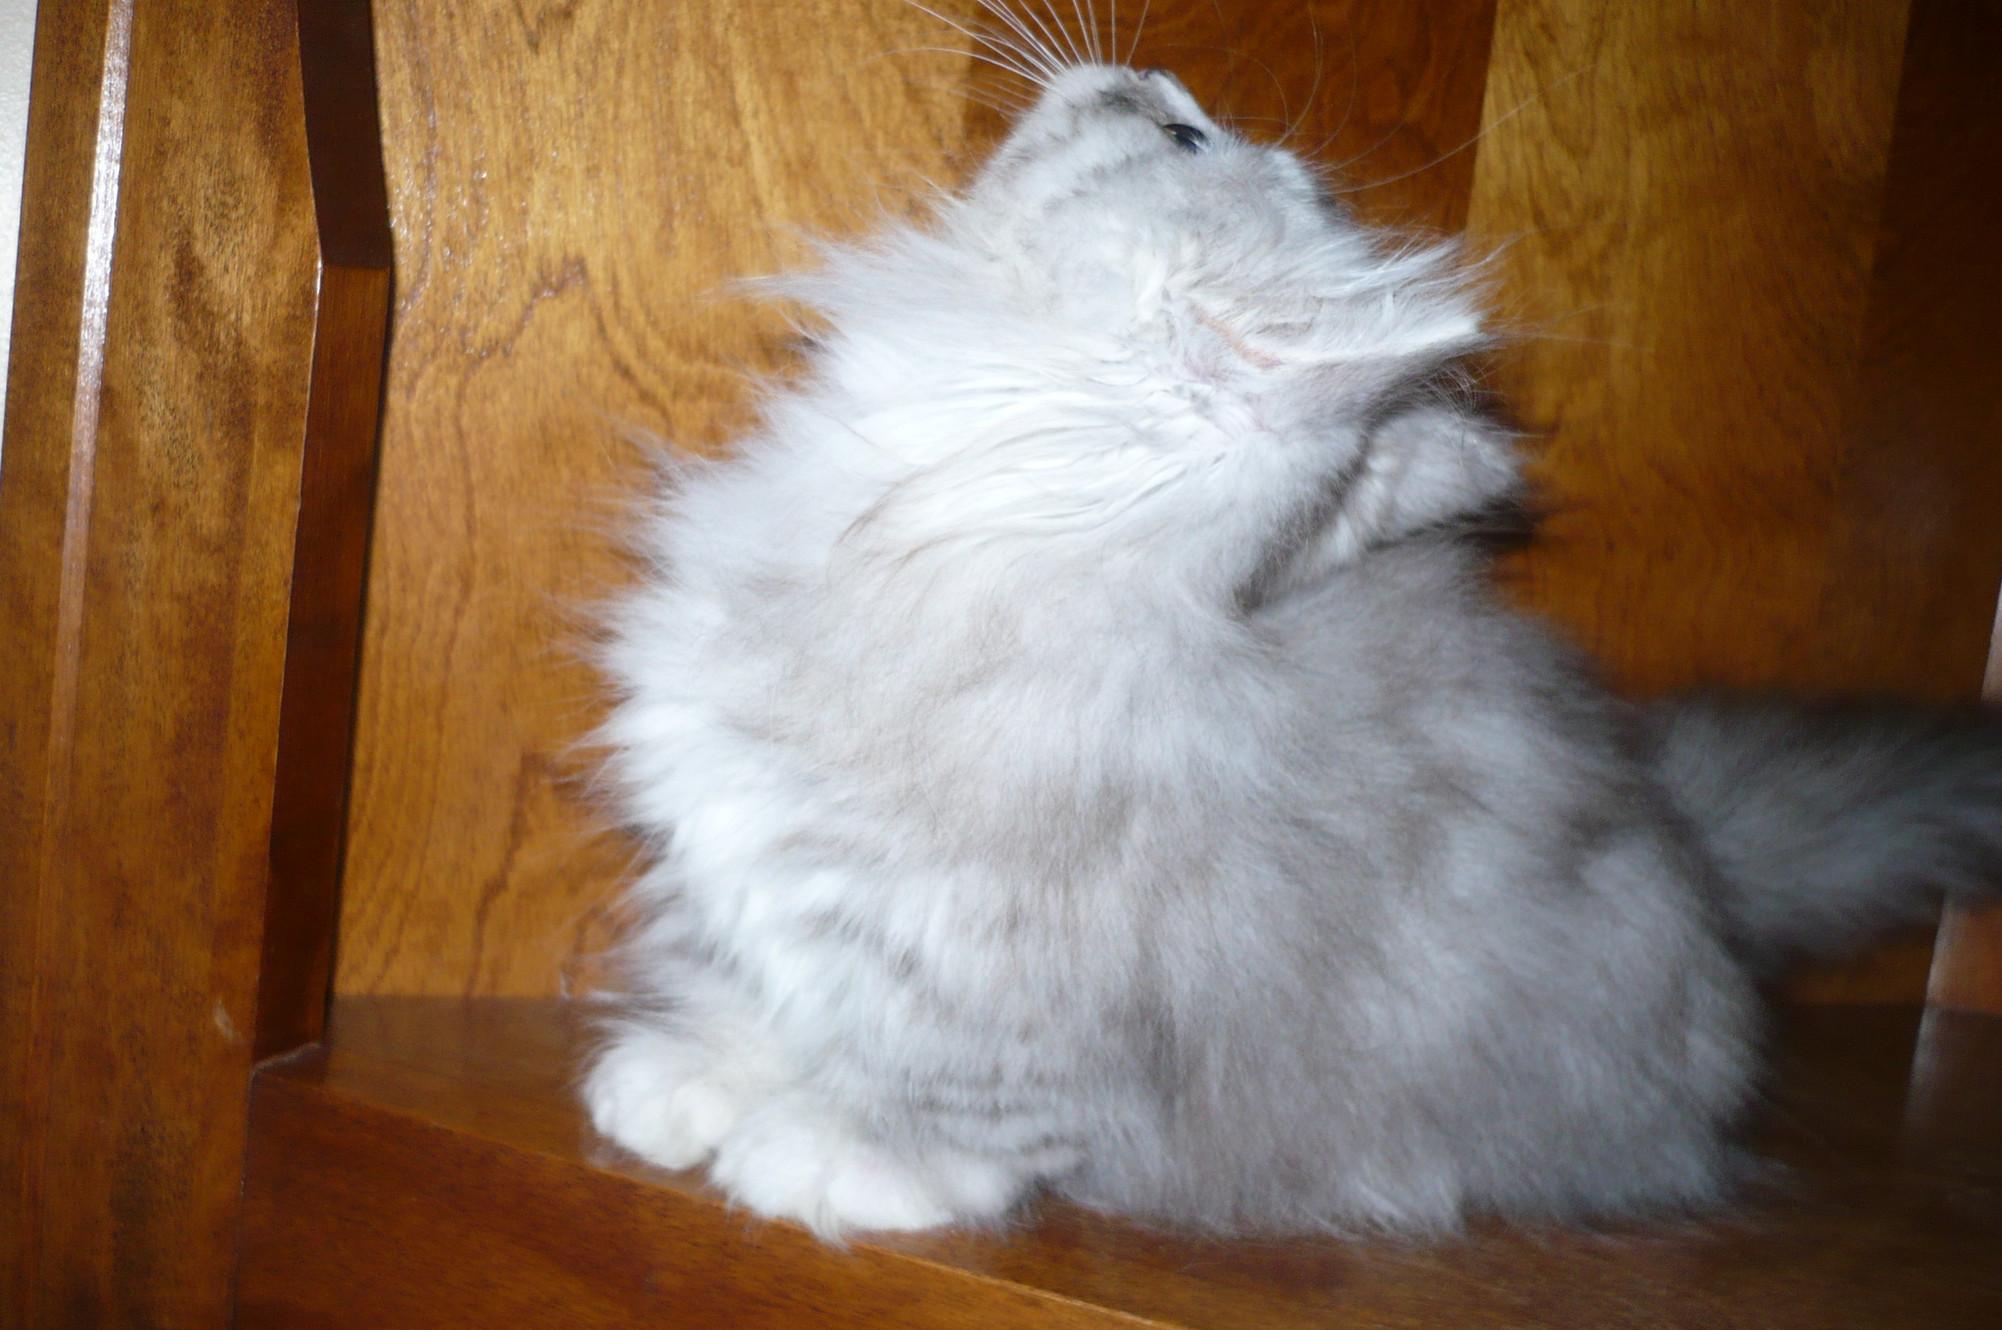 Un Munchkin n'est pas un chat nain. Les chats nains n'existent pas.